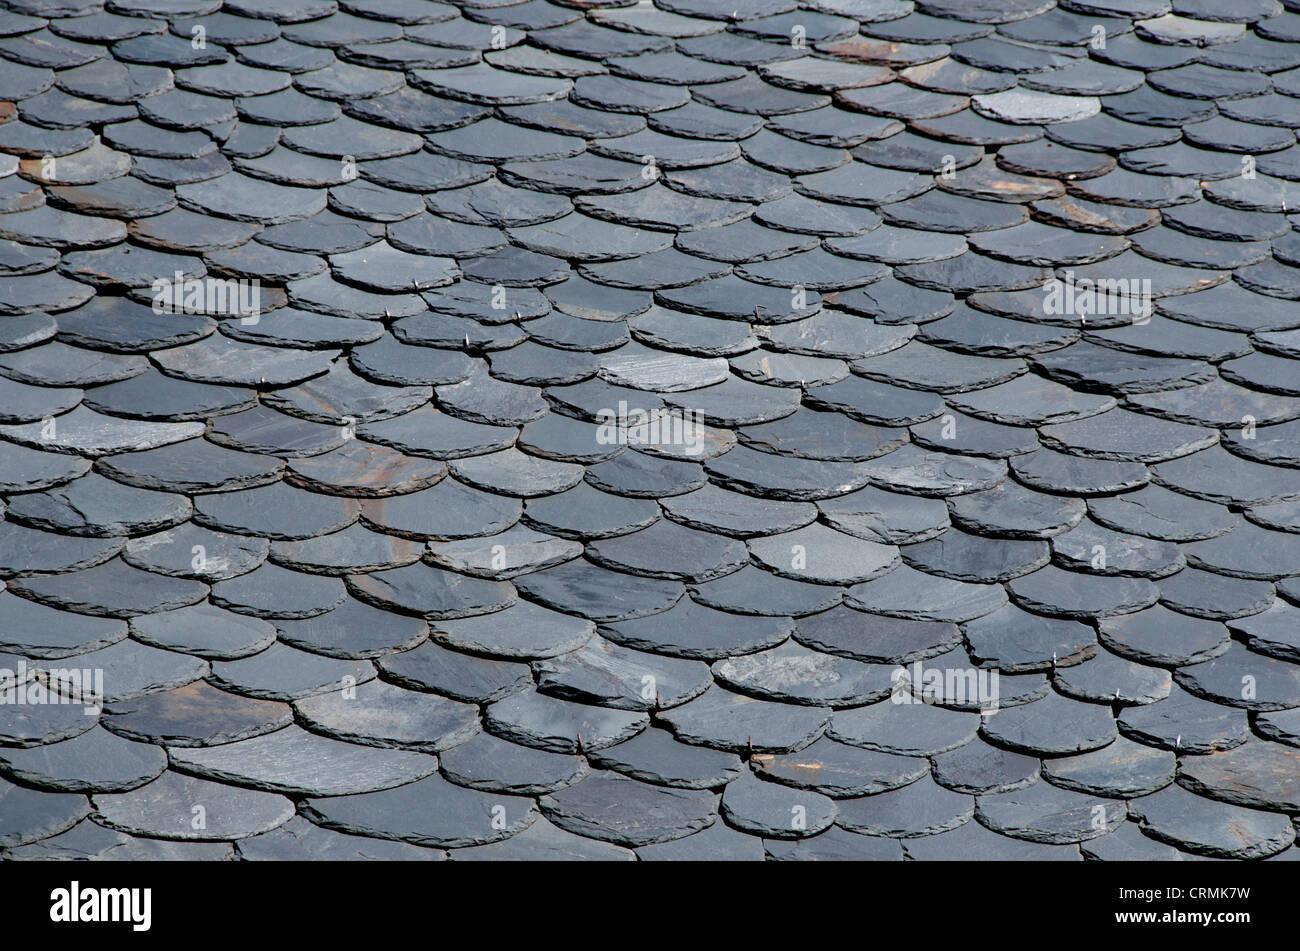 Tradizionale tetto di ardesia in Auvergne, Francia Immagini Stock